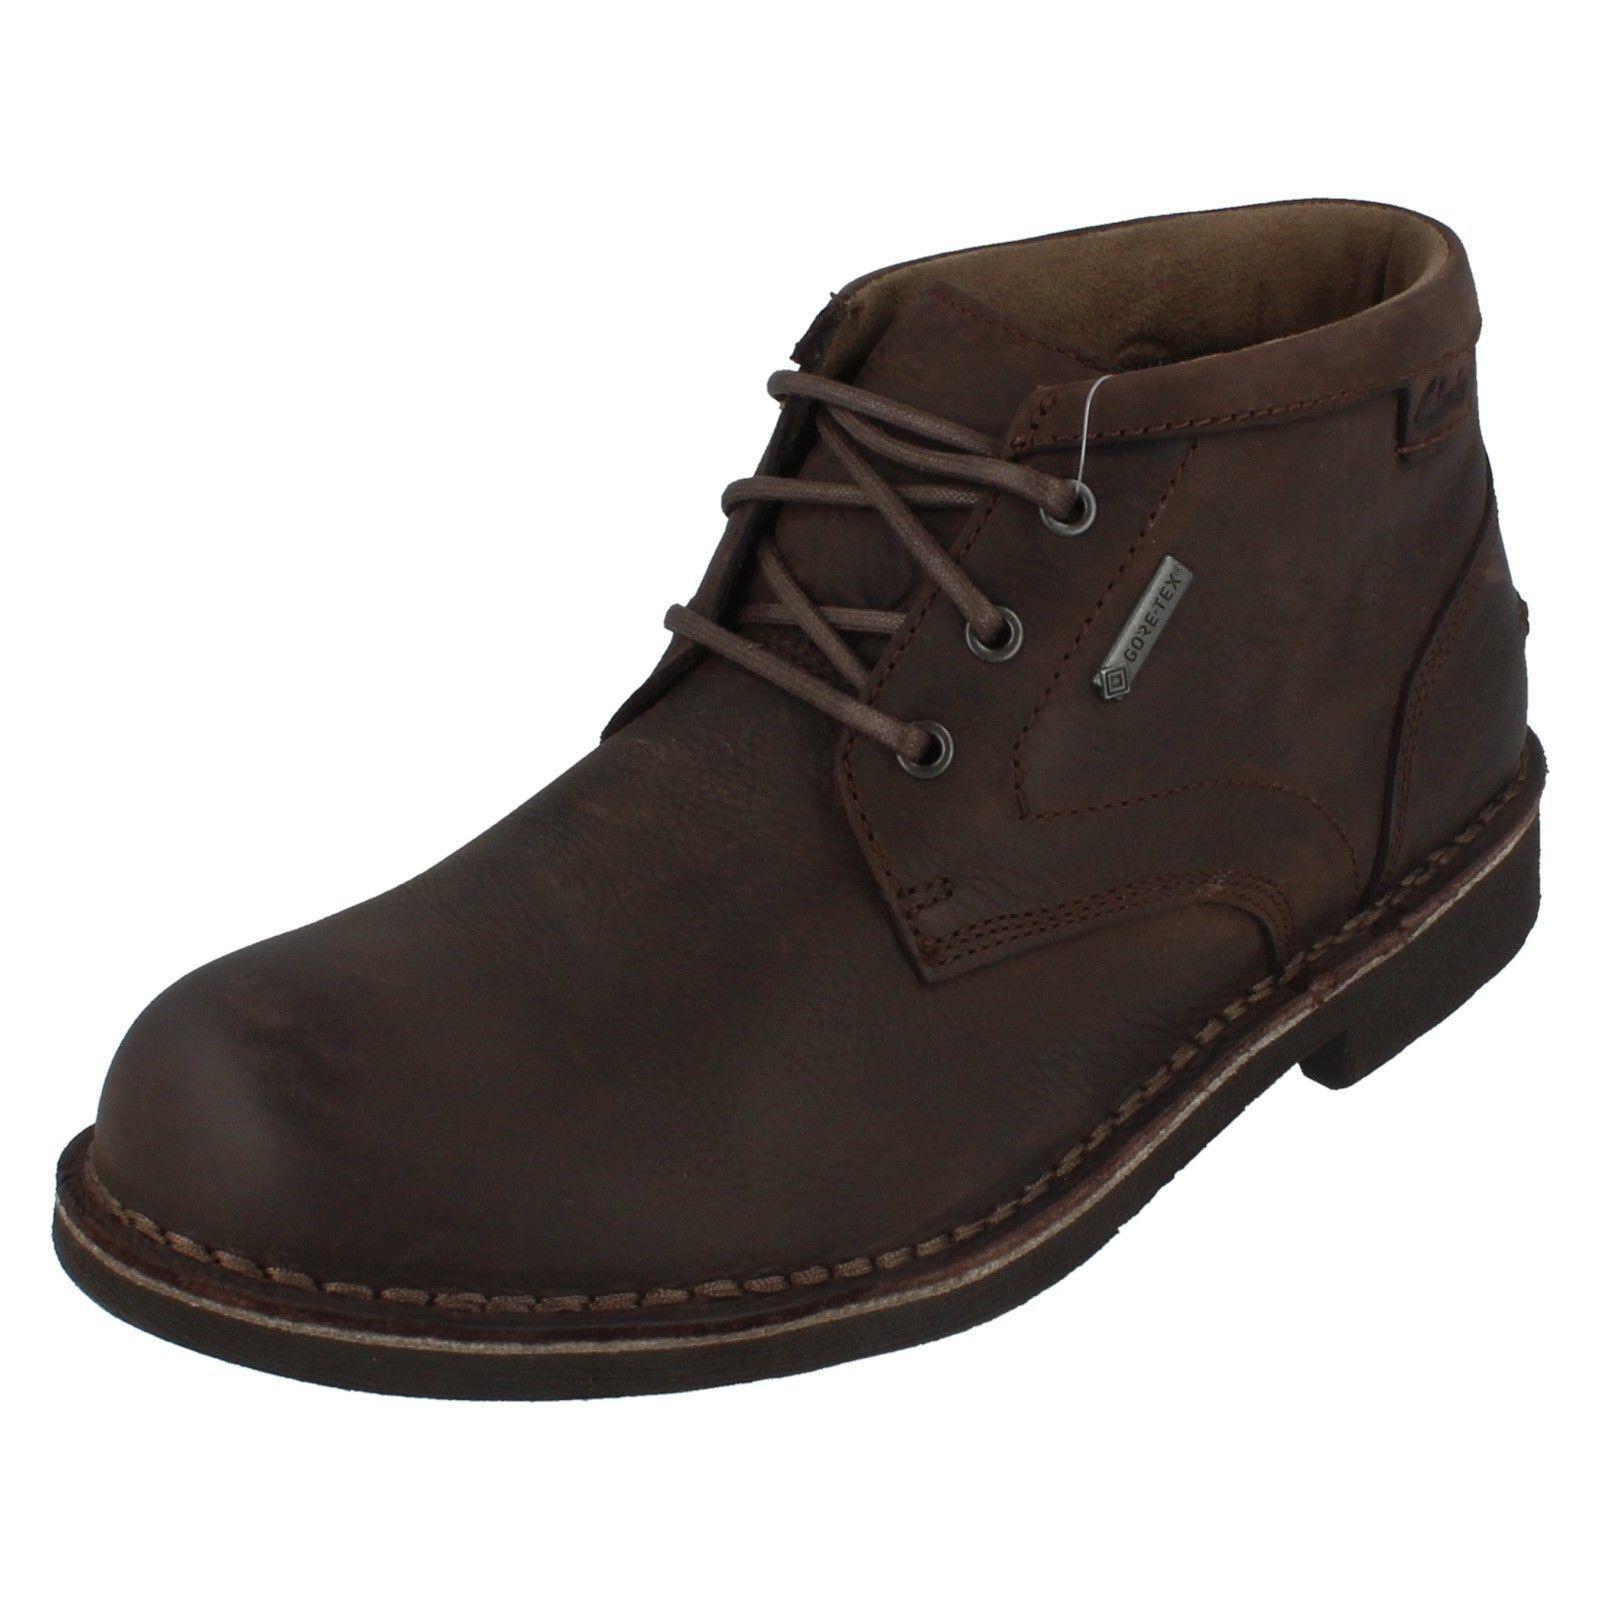 Clarks Mens Lawes Mid GTX Cuero Marrón Oscuro botas al Tobillo G Fit (R29A)